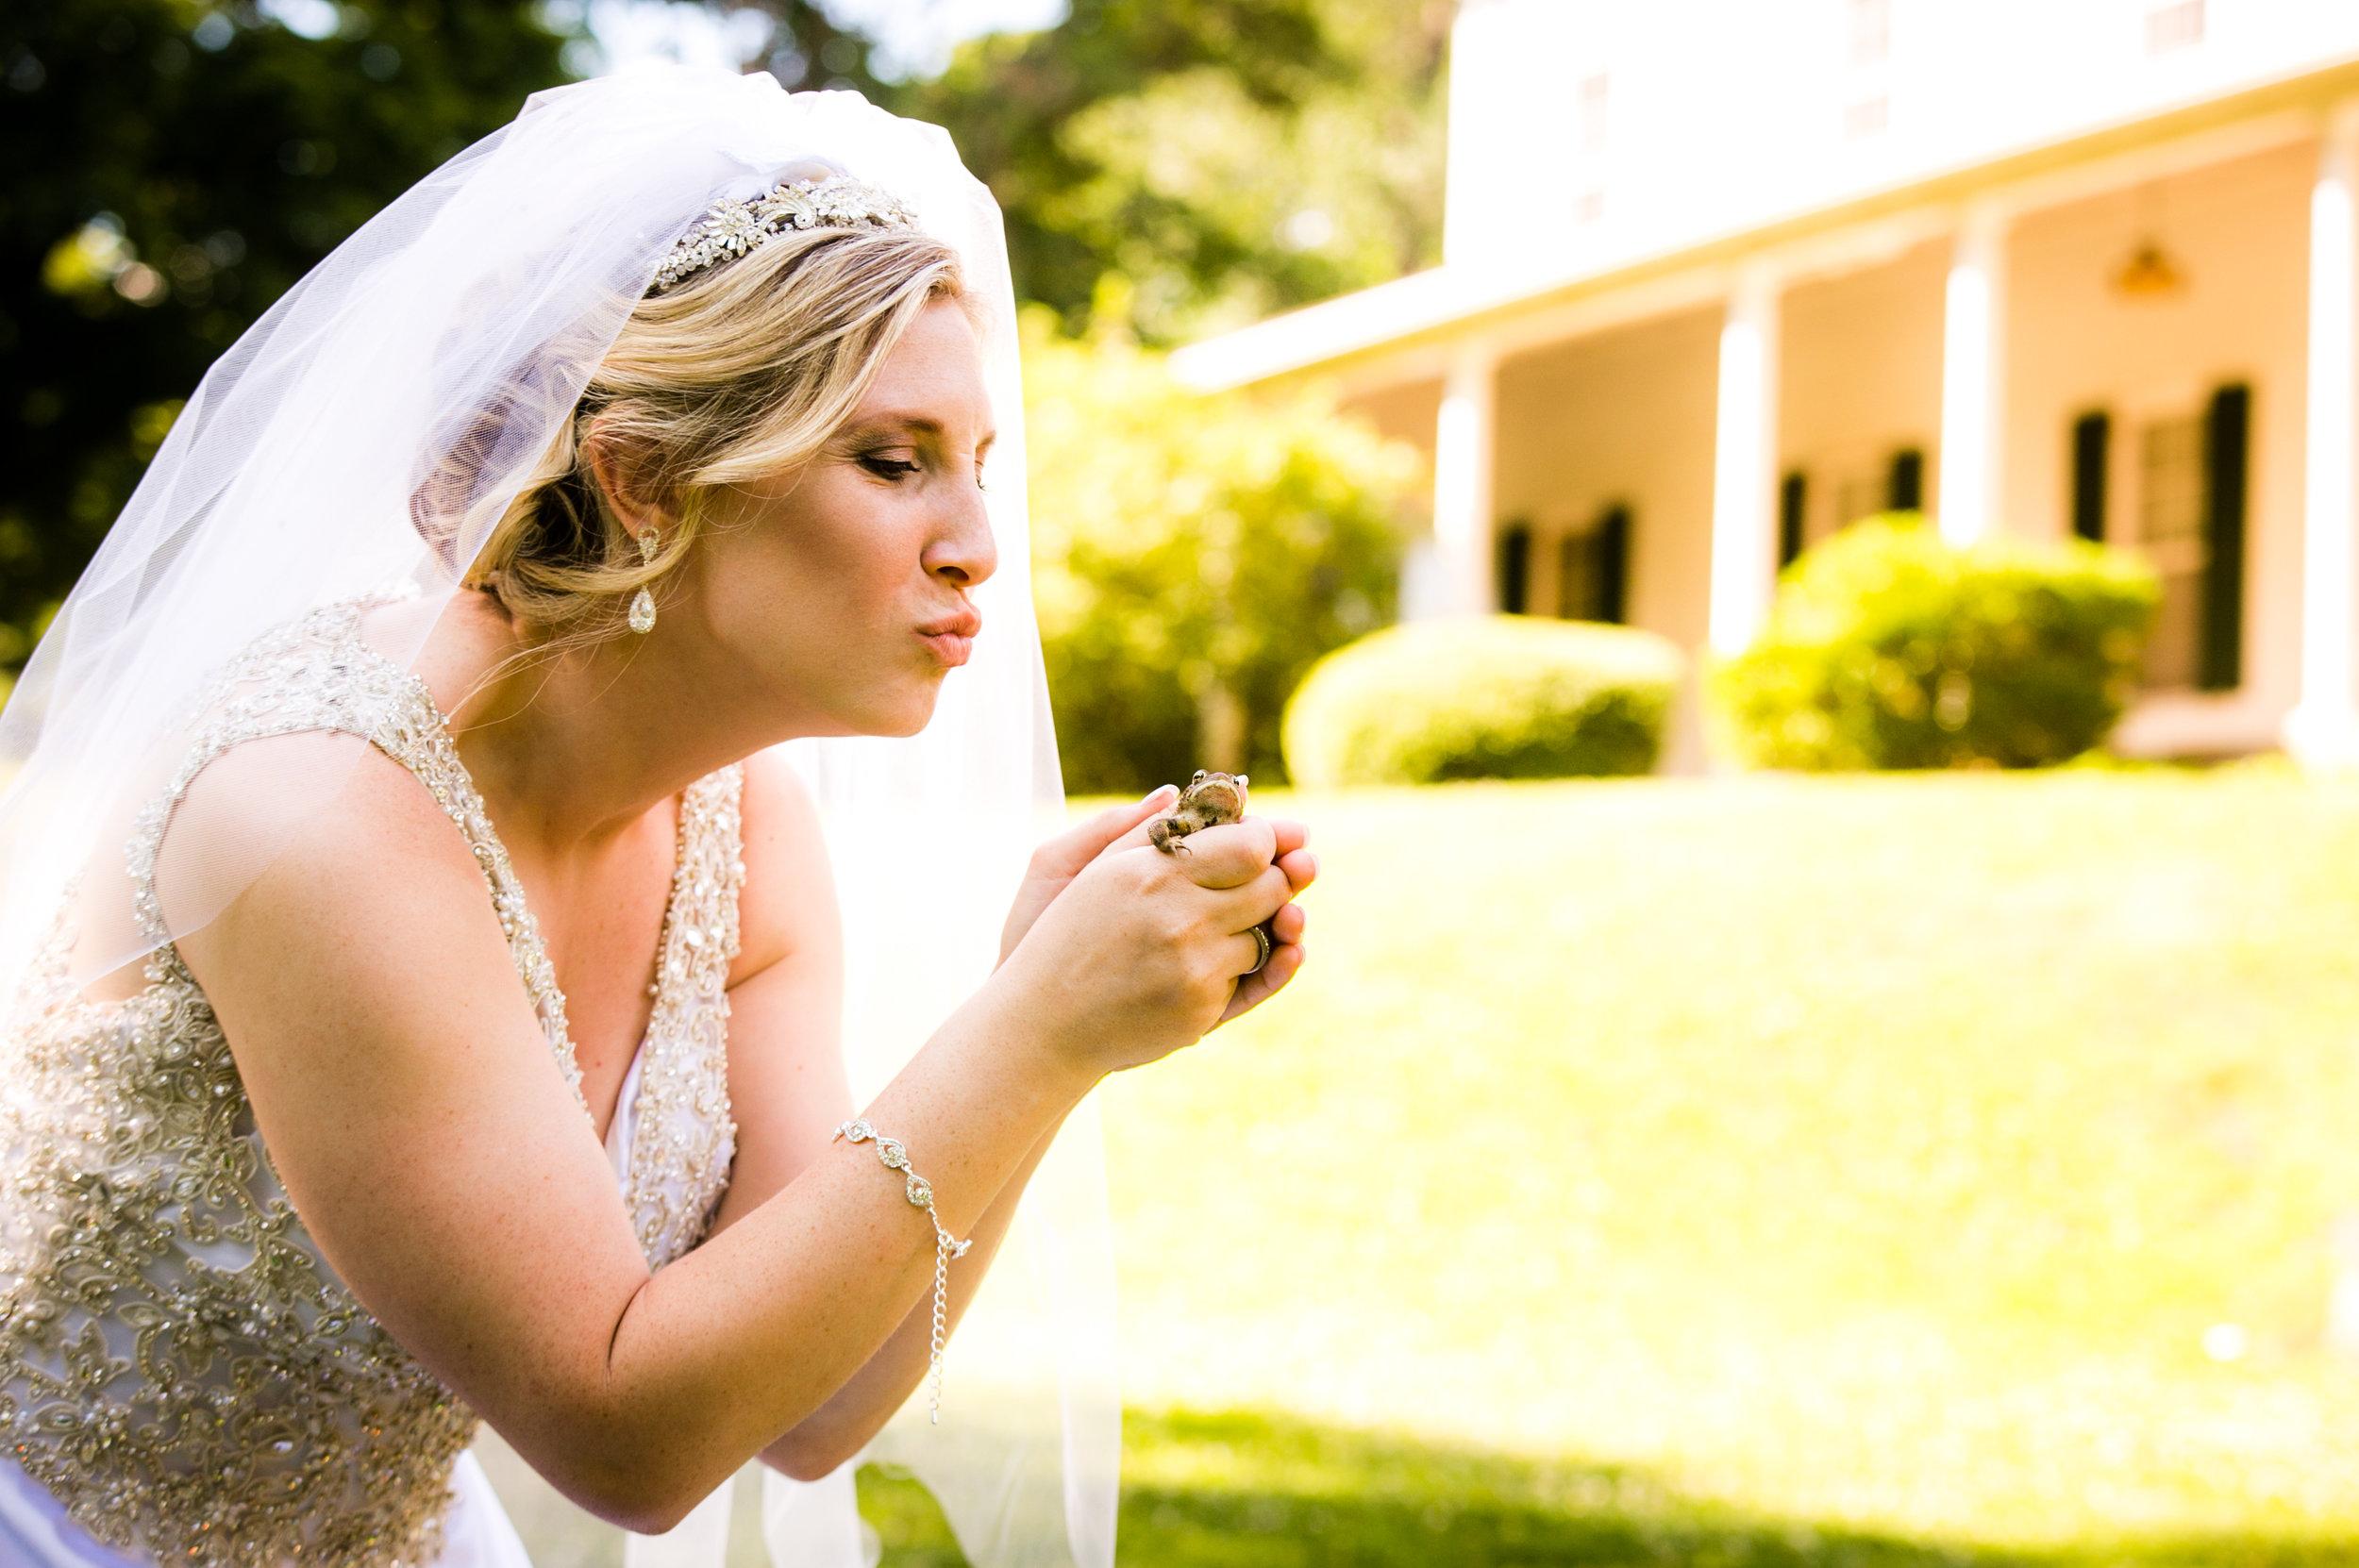 Meisenzahl Wedding - 375.jpg